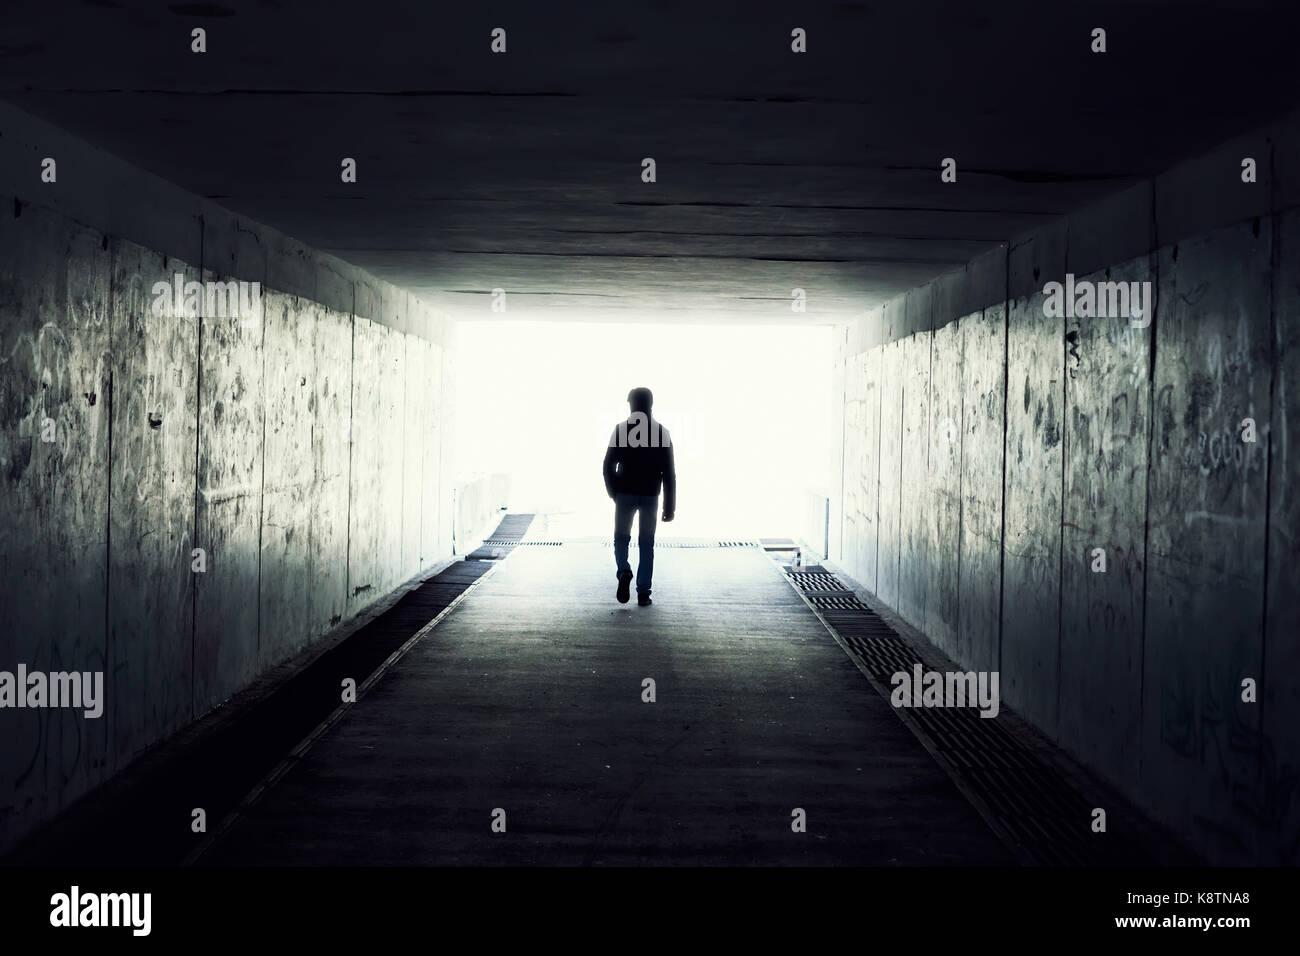 Silhouette in un tunnel della metropolitana. La luce alla fine del tunnel Immagini Stock